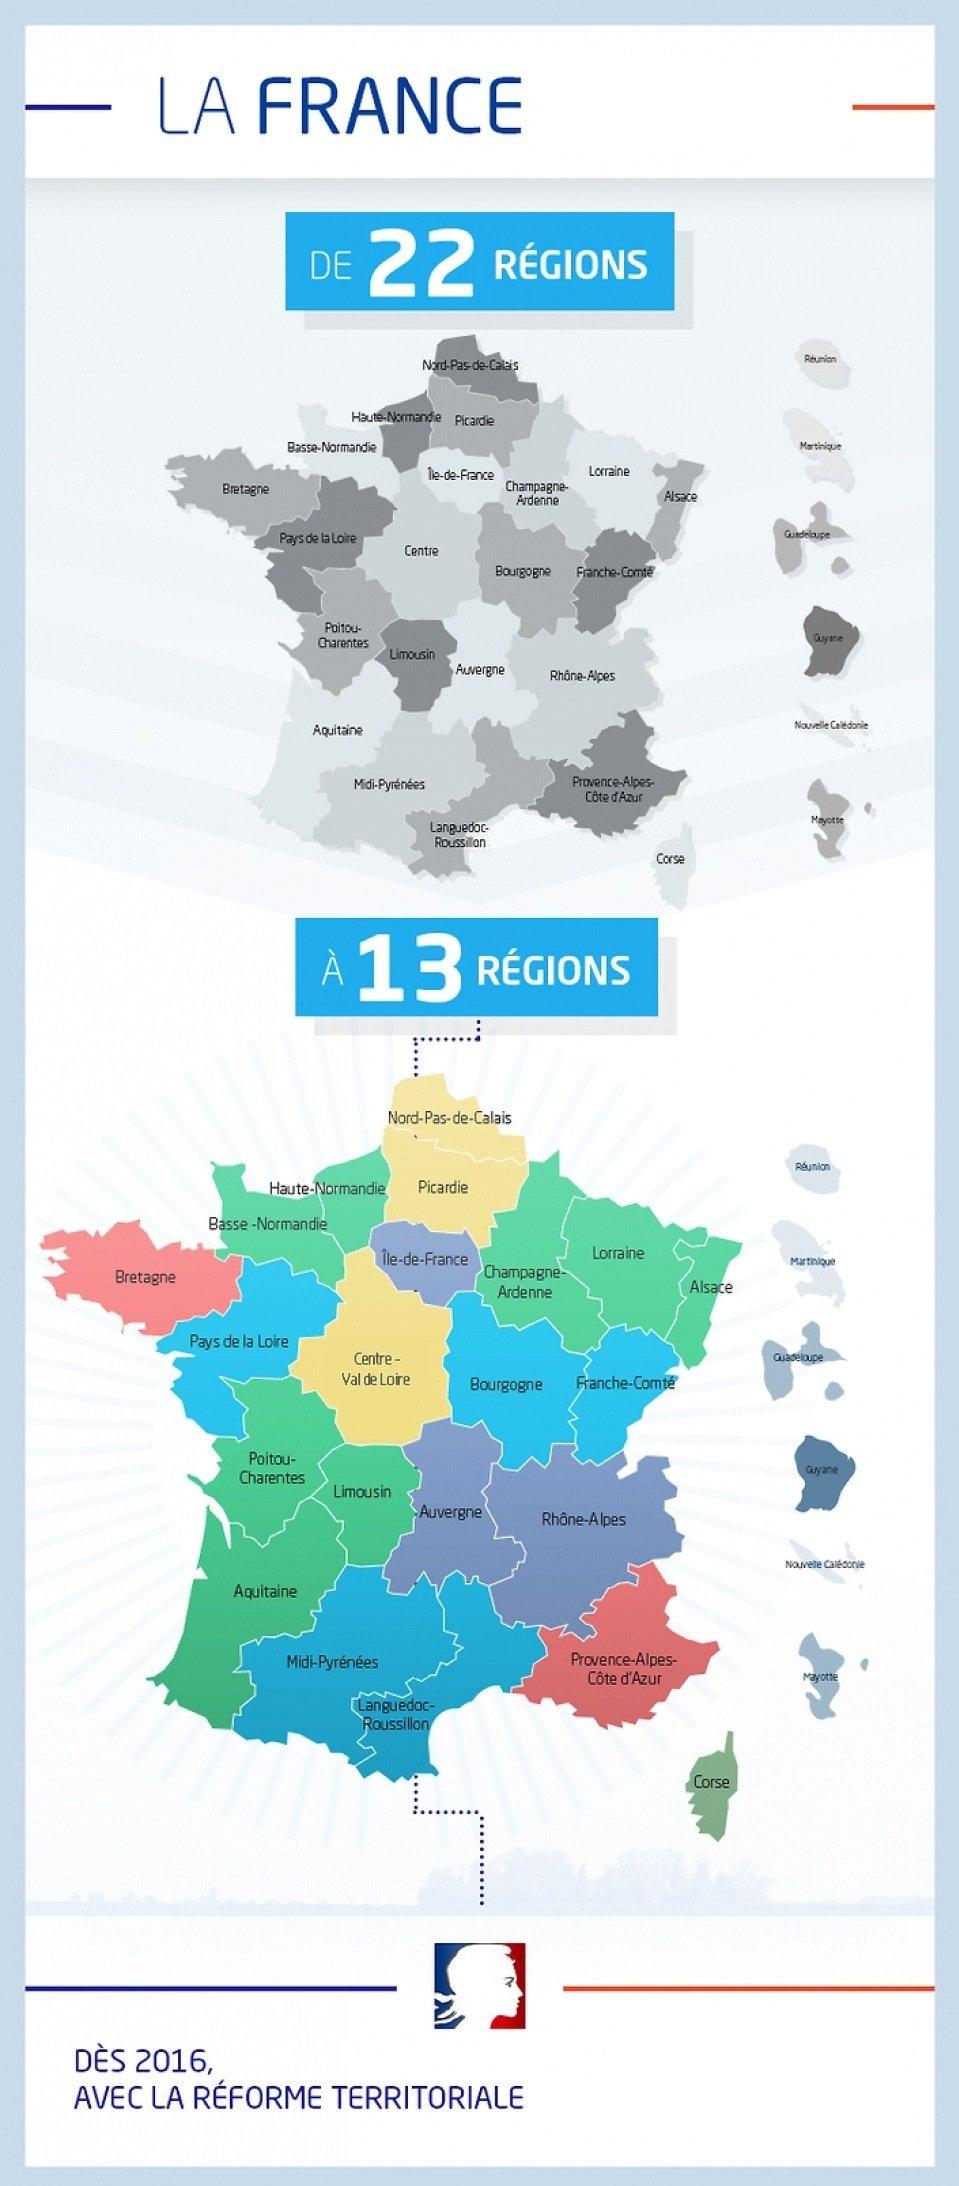 La nouvelle carte de France: 13 régions à partir du 1-1-2016